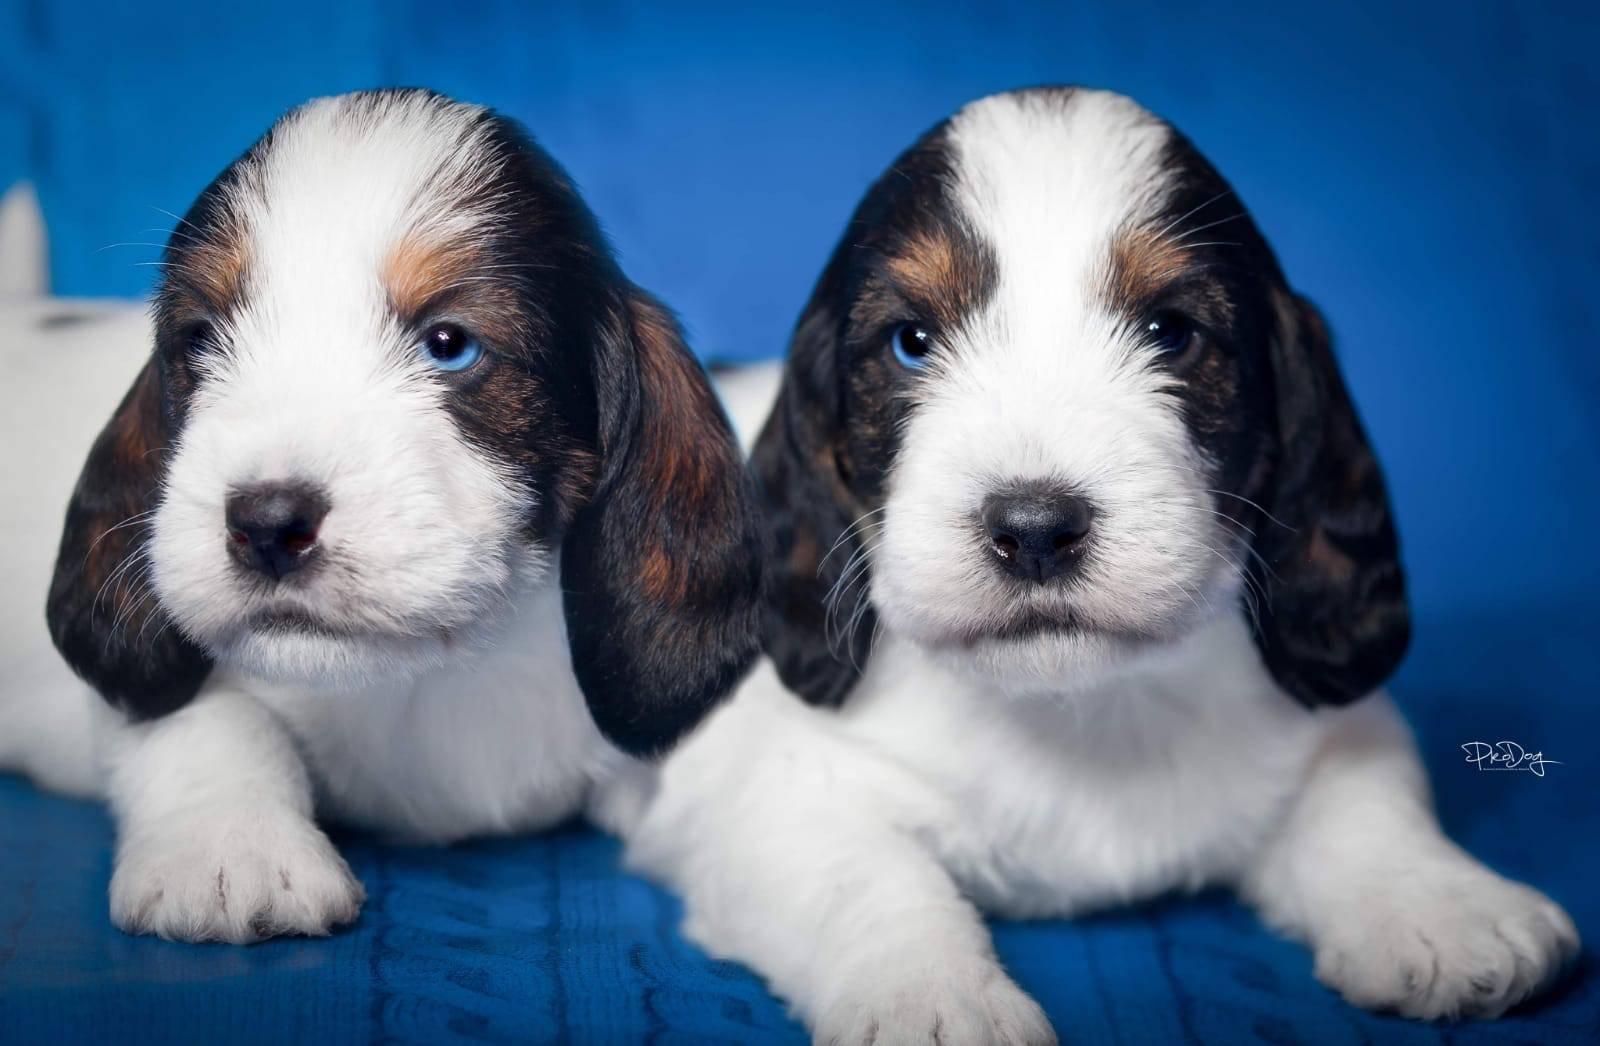 Dva brata s dva plava oka: ali svakom po jedno, lijevo i desno!